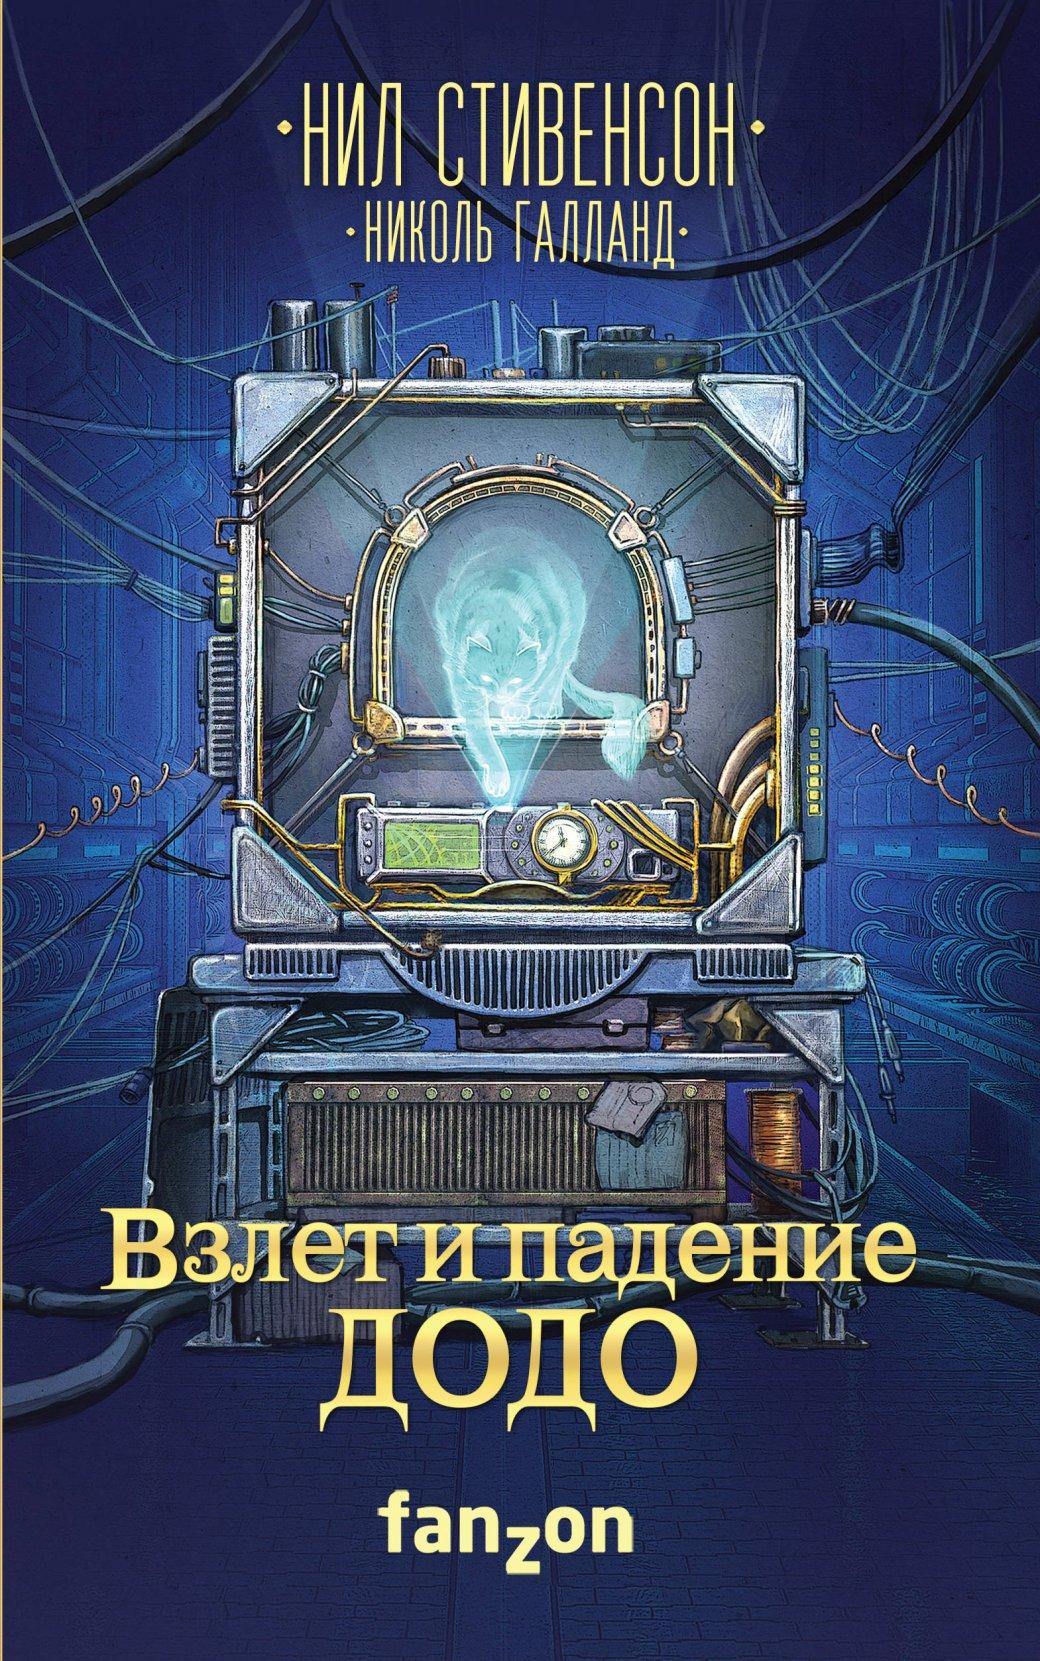 Что почитать, если хочется книг онеобычных манипуляциях современем | Канобу - Изображение 6490